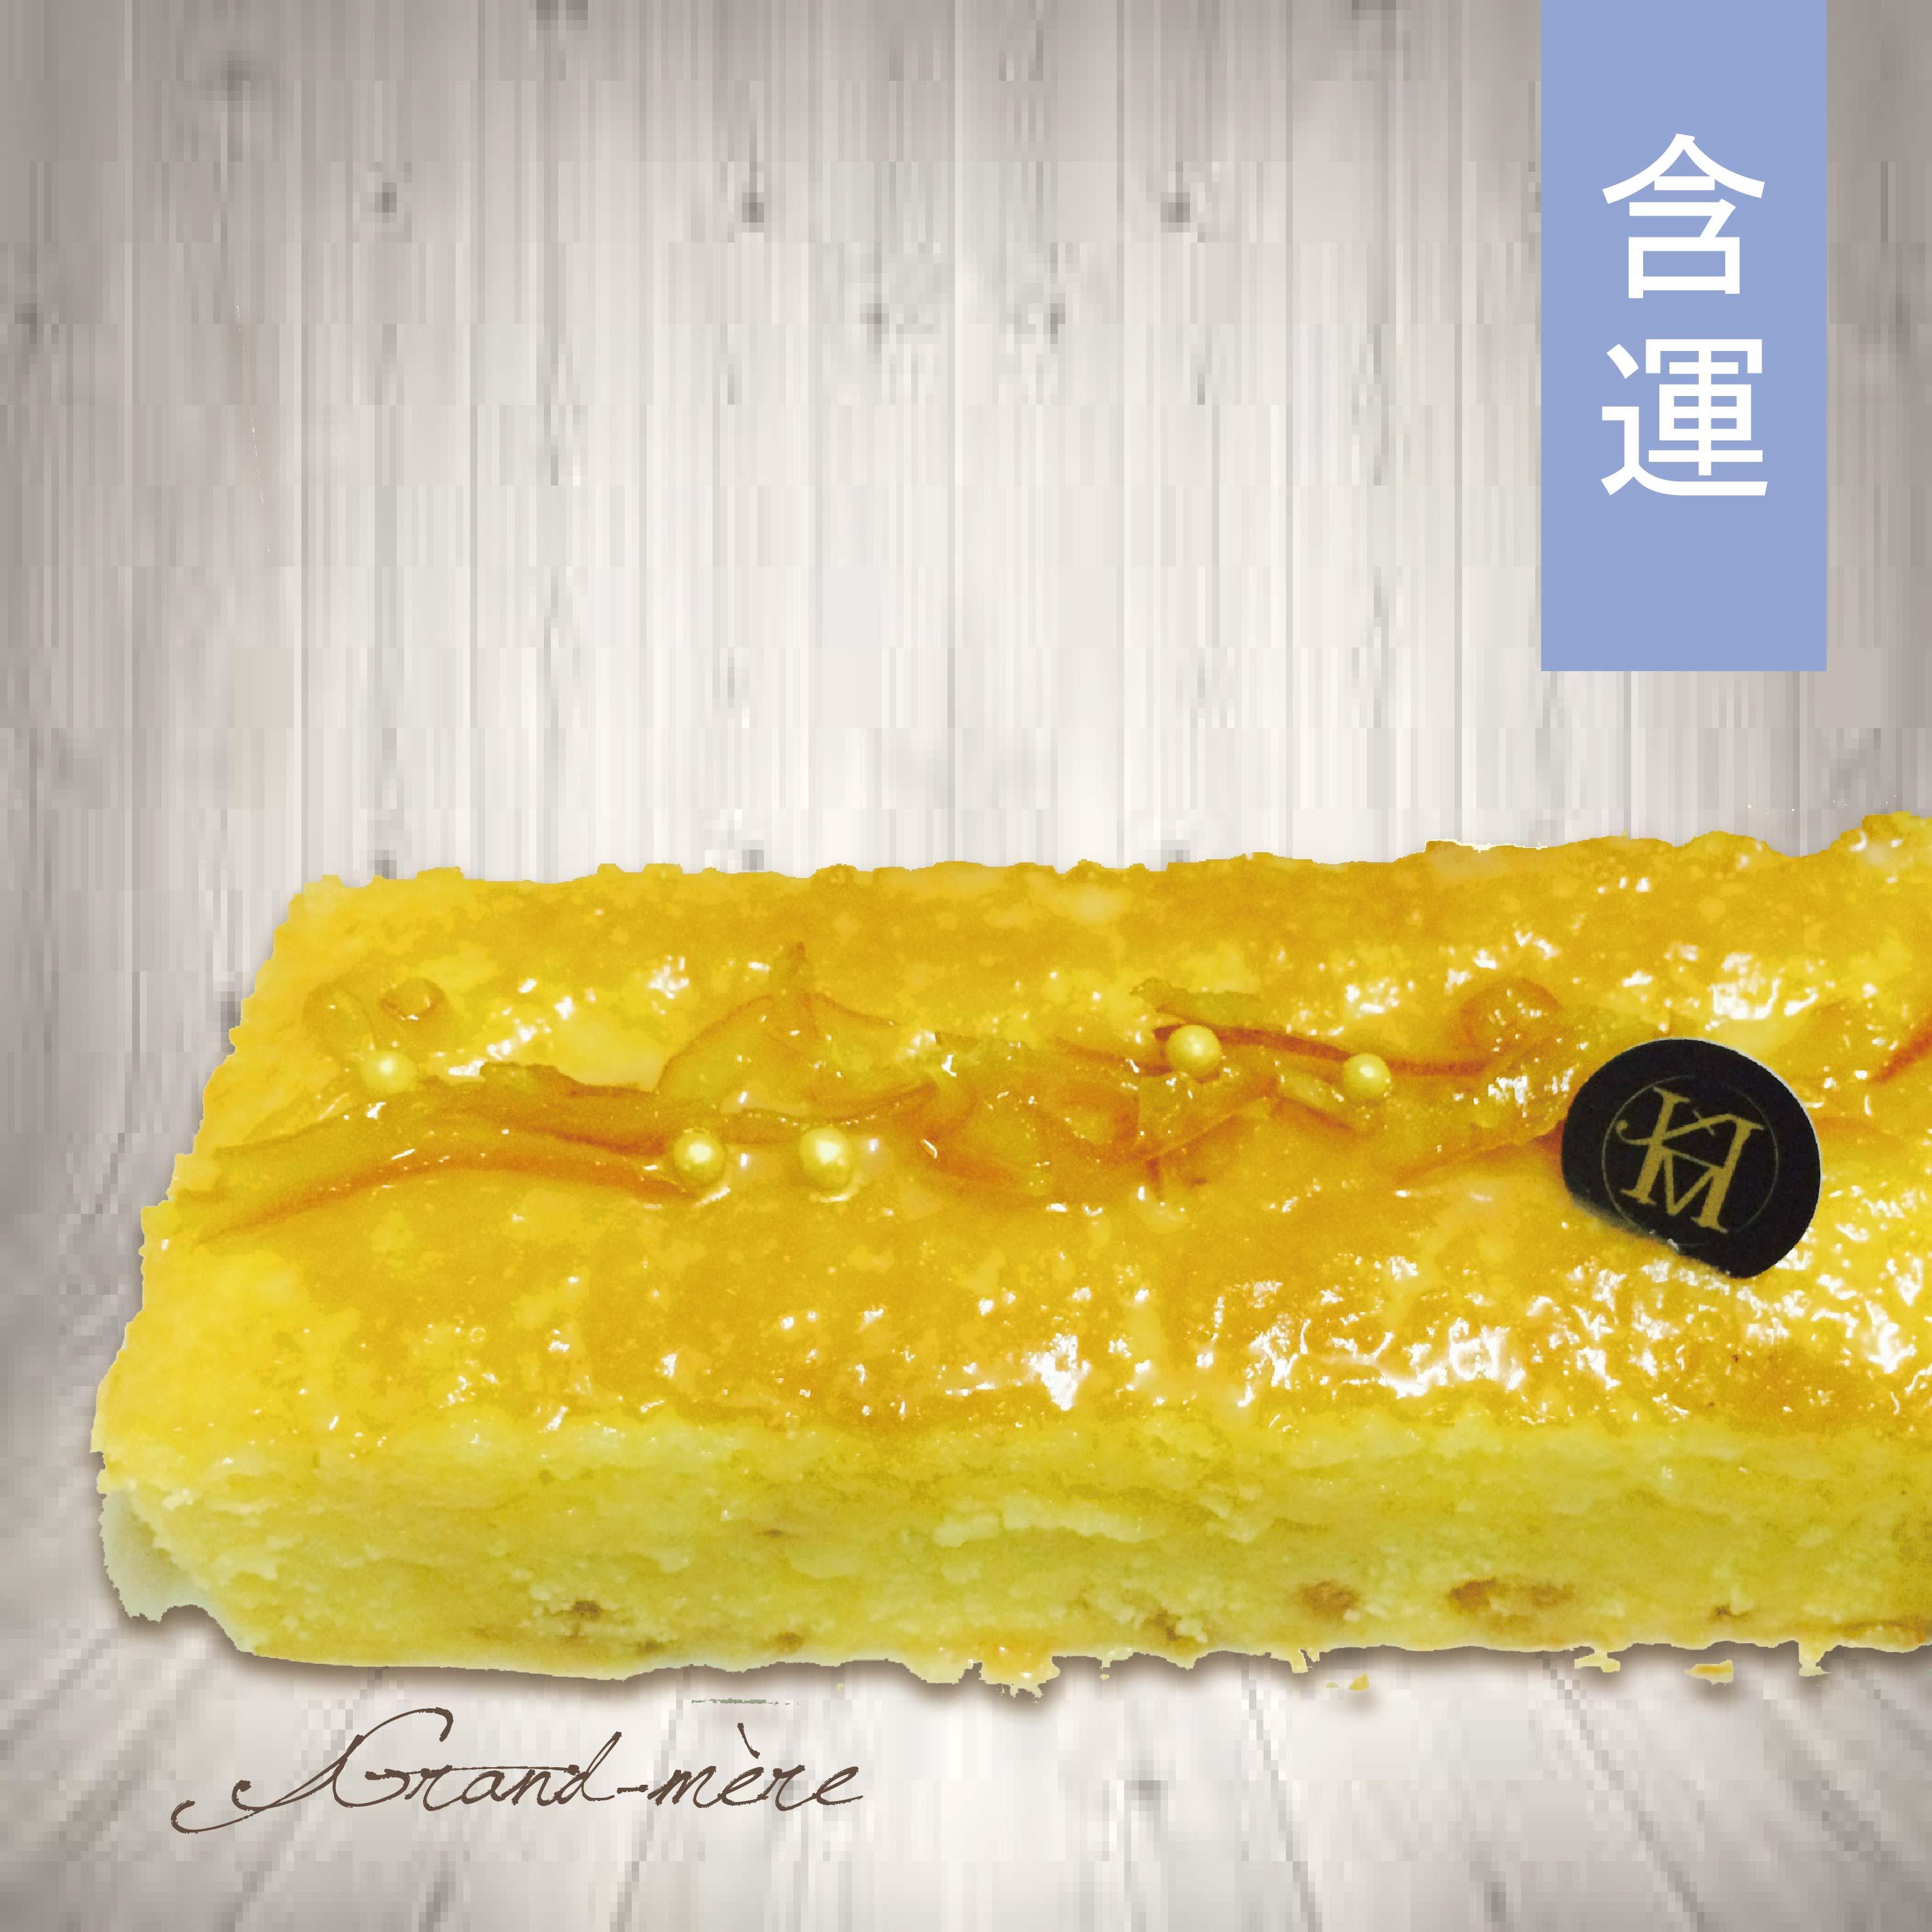 Gâteaux Voyage 旅人蛋糕系列 (香橙檸檬/鳯梨檸檬/橘香巧克力/核桃布朗尼)